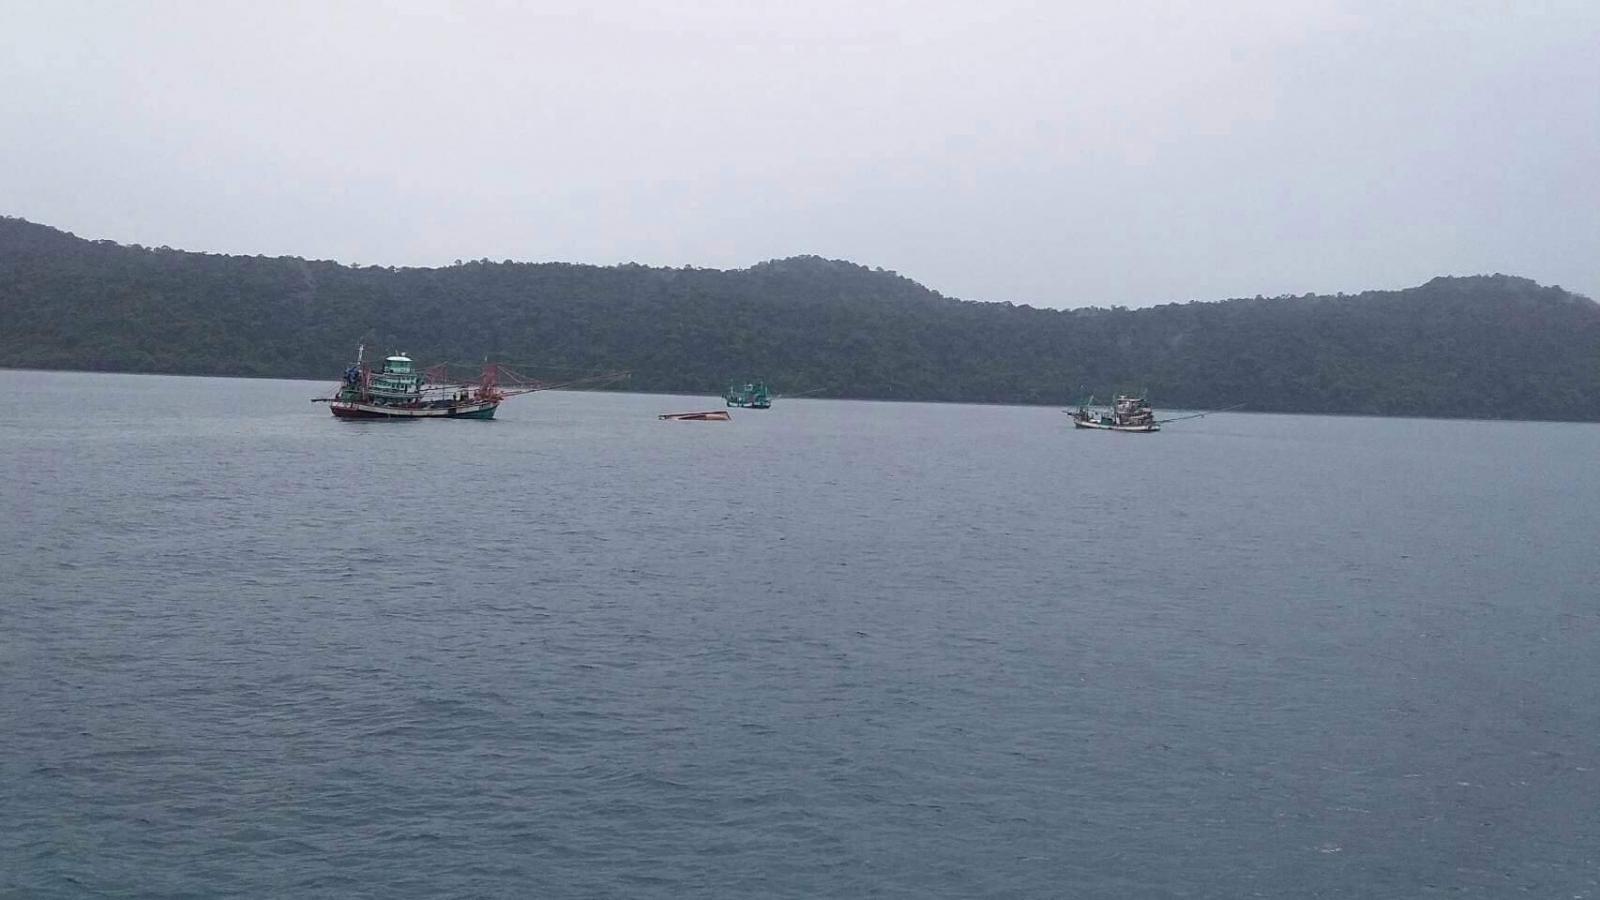 เรือประมงล่มเกาะกูด  ตาย 2